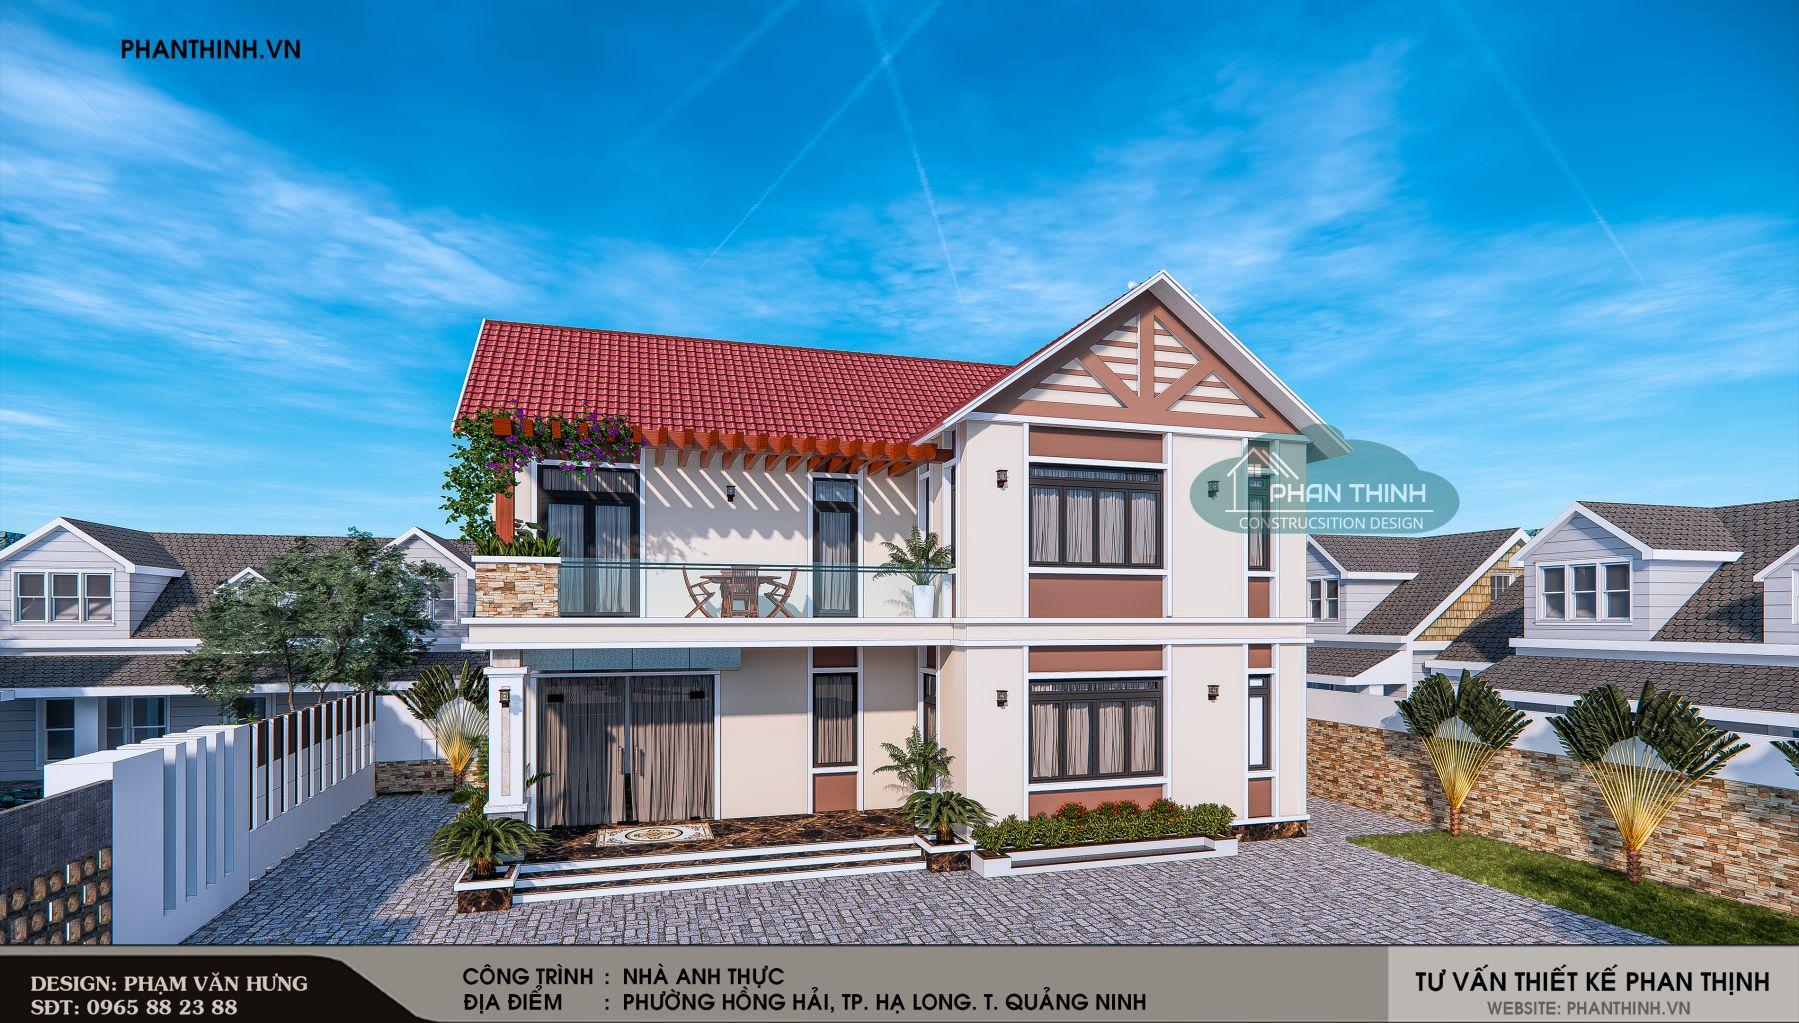 Phối cảnh thiết kế biệt thự 2 tầng tại Quảng Ninh